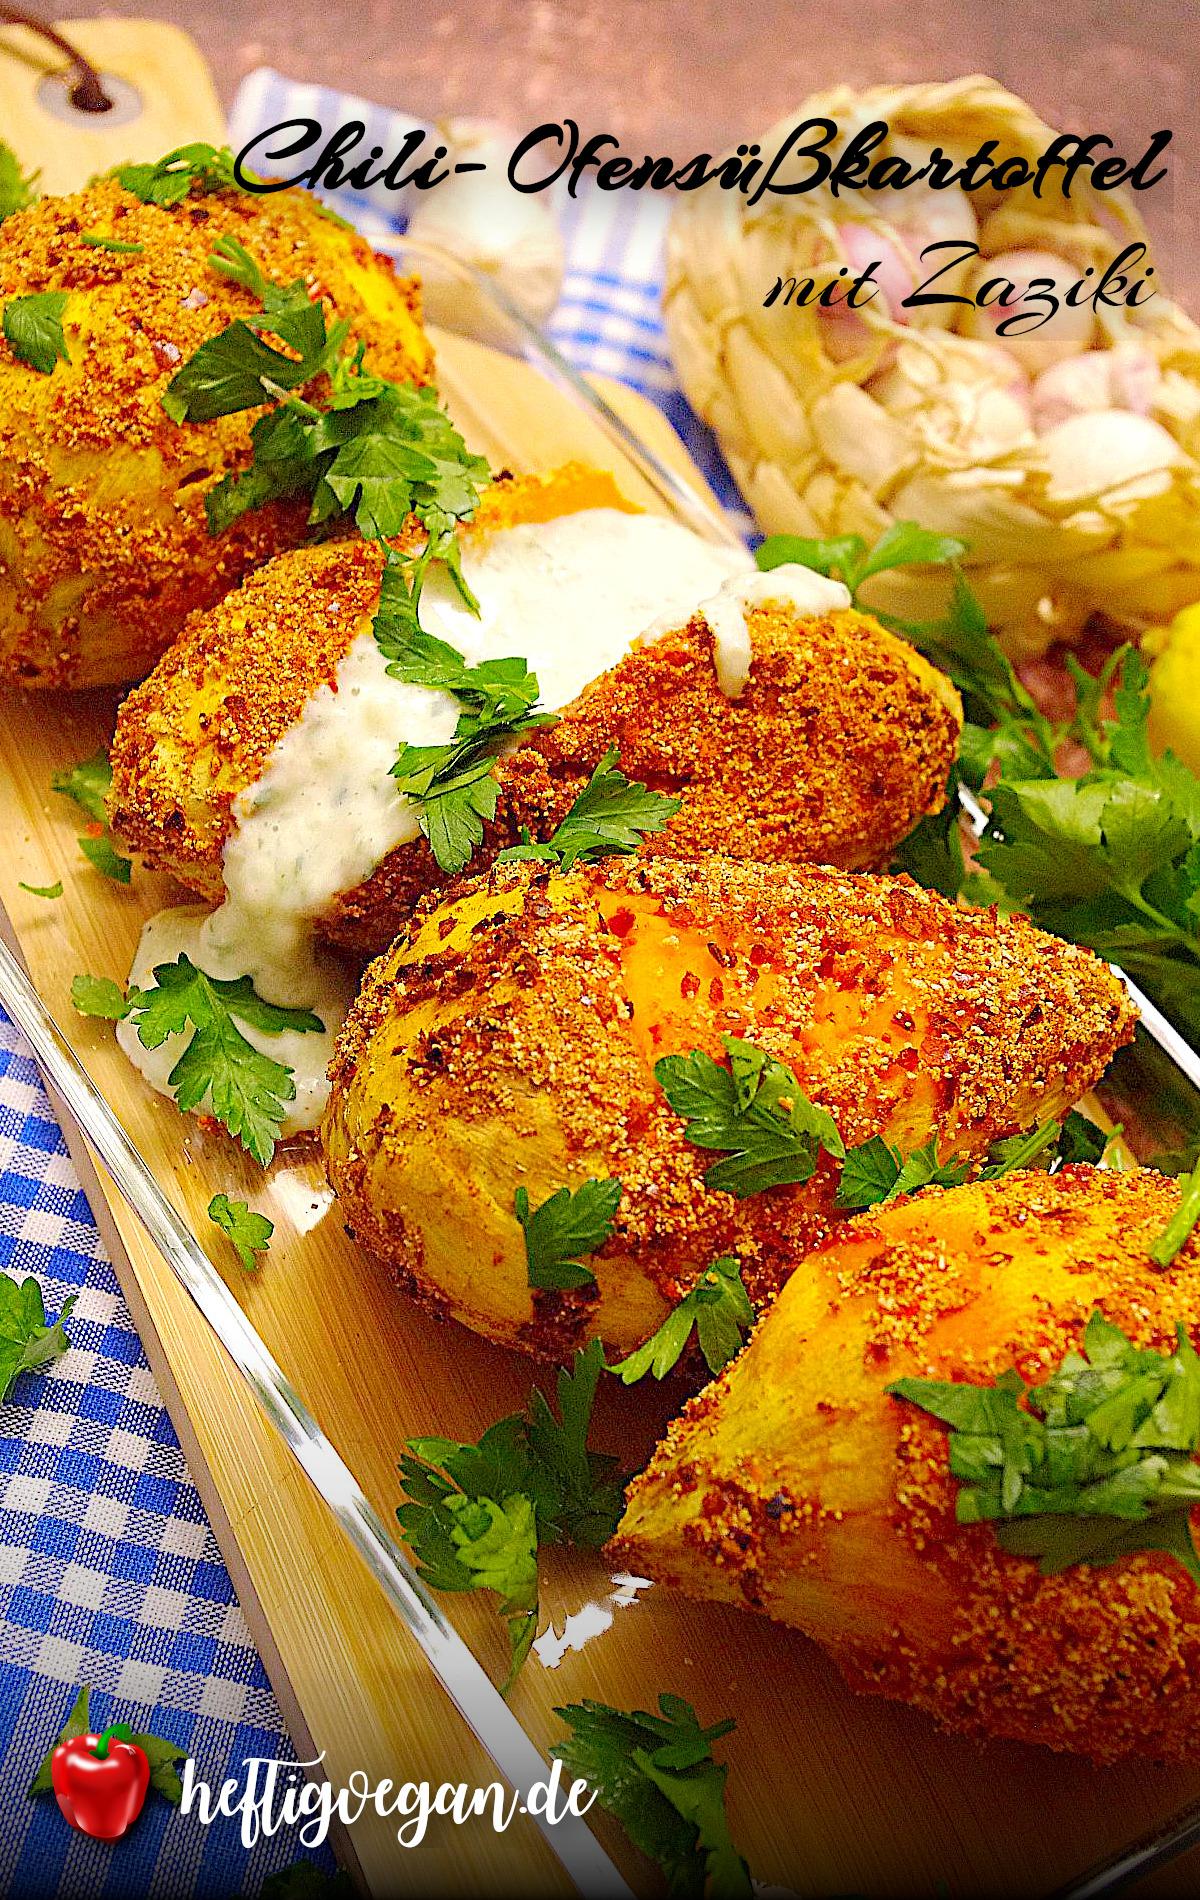 Chili-Ofensüßkartoffeln mit Zaziki auf Pinterest